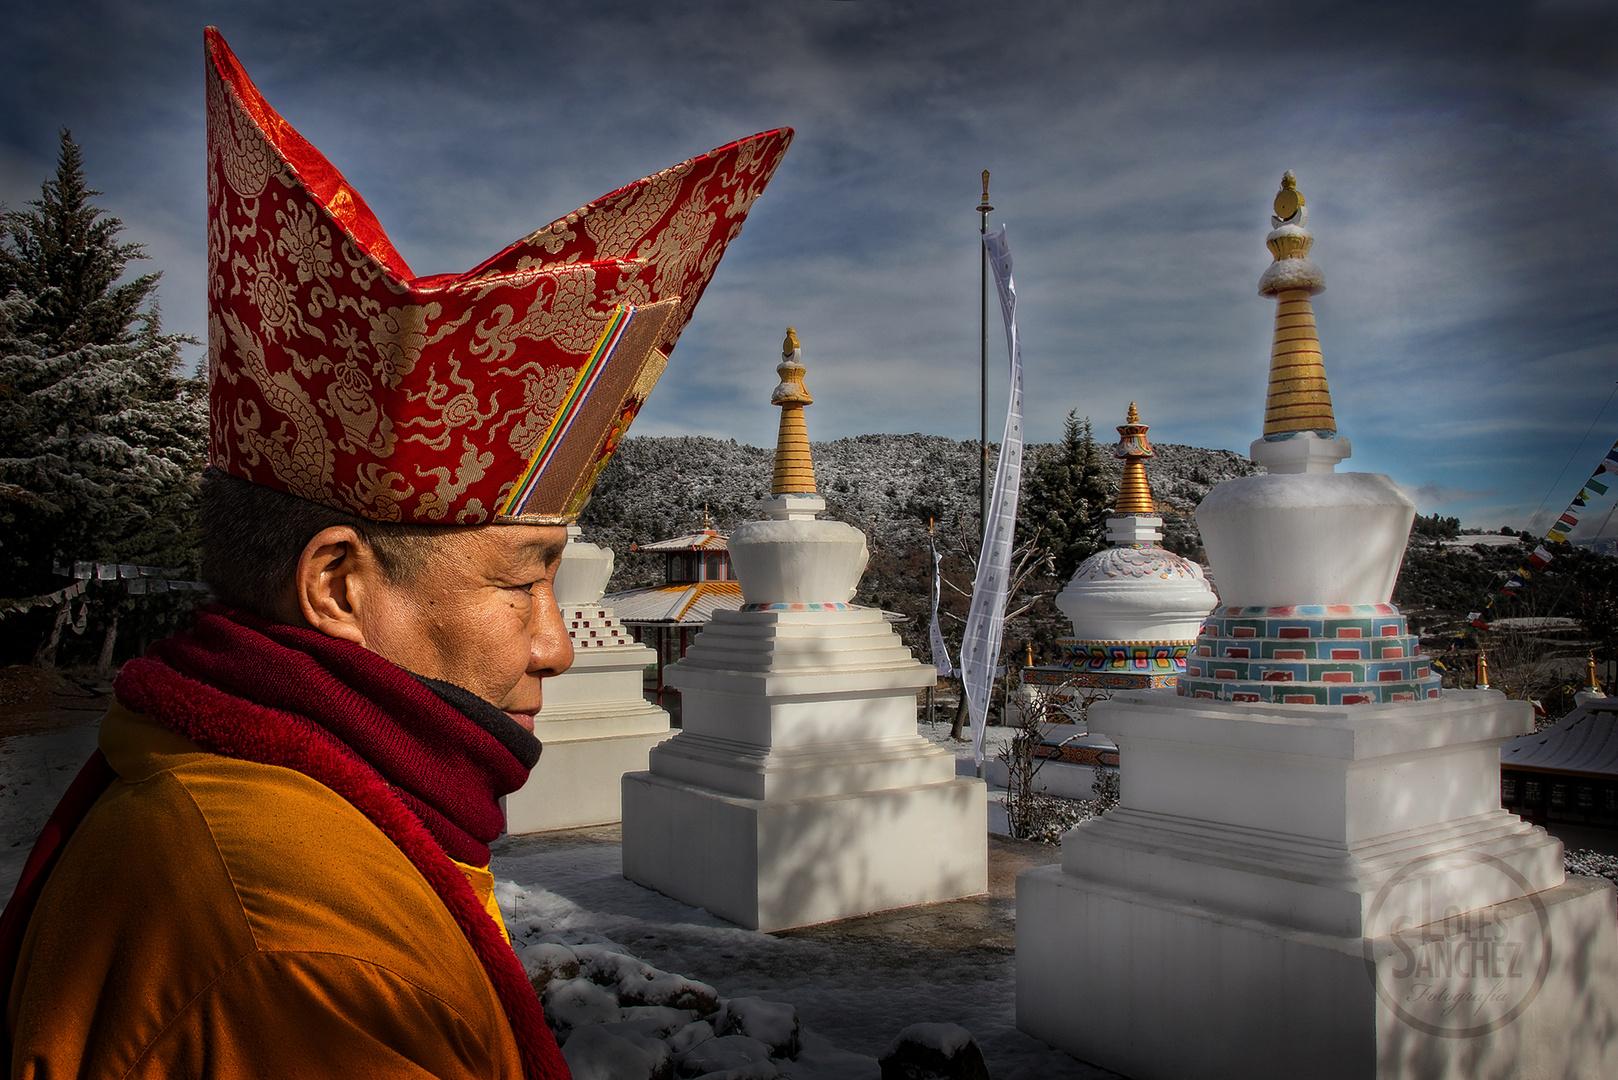 Frío día para la celebración del año nuevo tibetano. Panillo (Huesca)